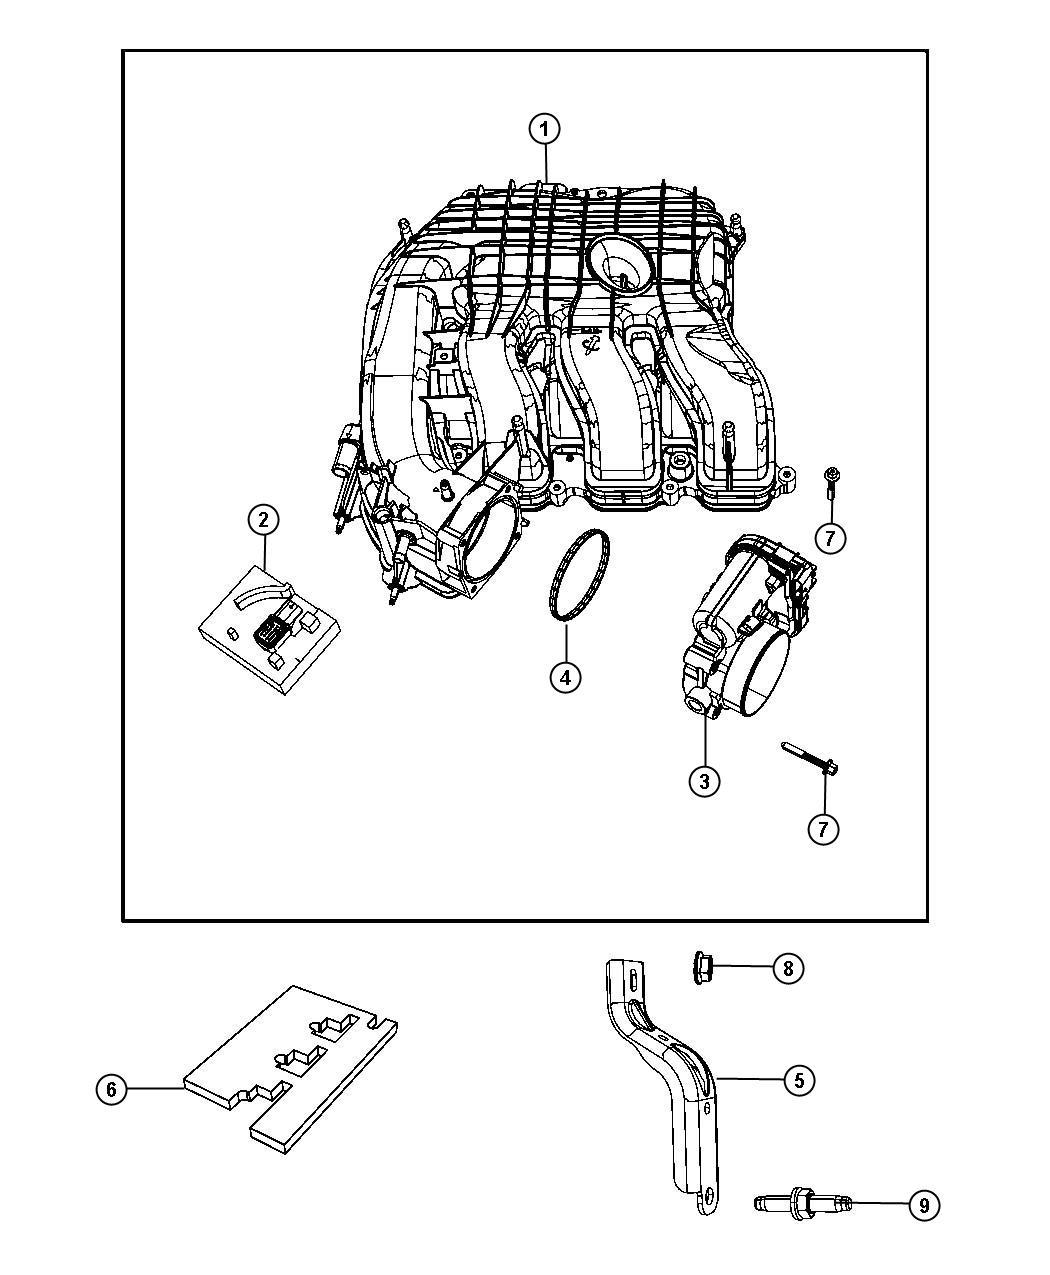 Chrysler Sebring Throttle body. [3.6l mid v6 engine